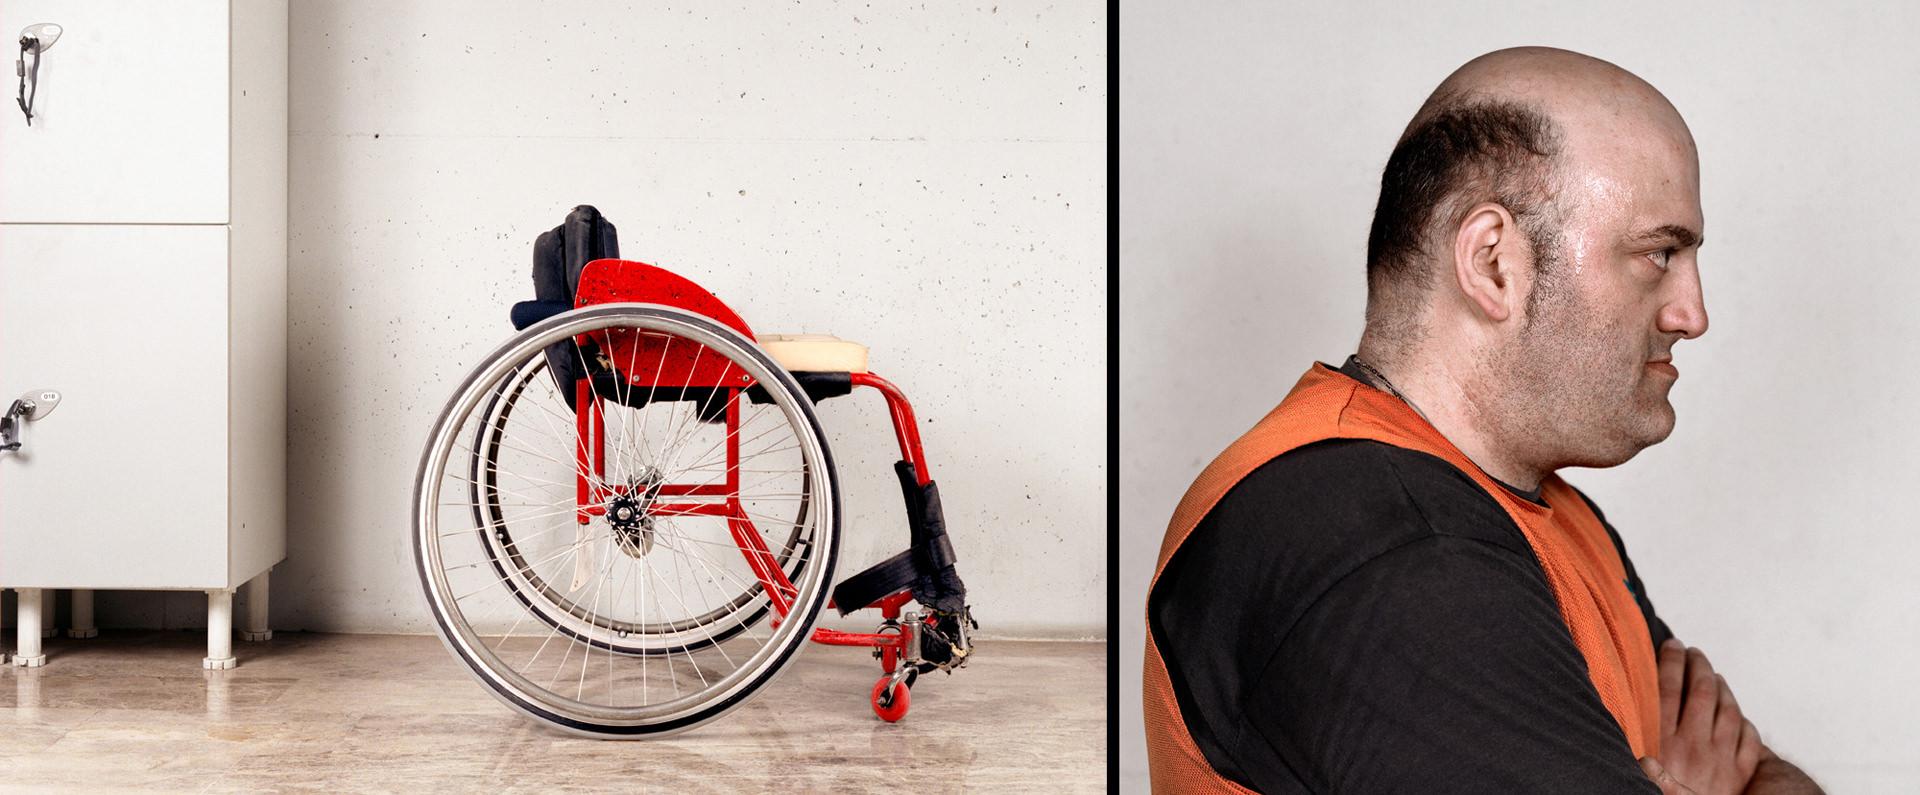 ©ankeluckmann240, wheelchair, rolli, portrait, basketball, chair, www.ankeluckmann.com, anke luckmann, personal work, sport